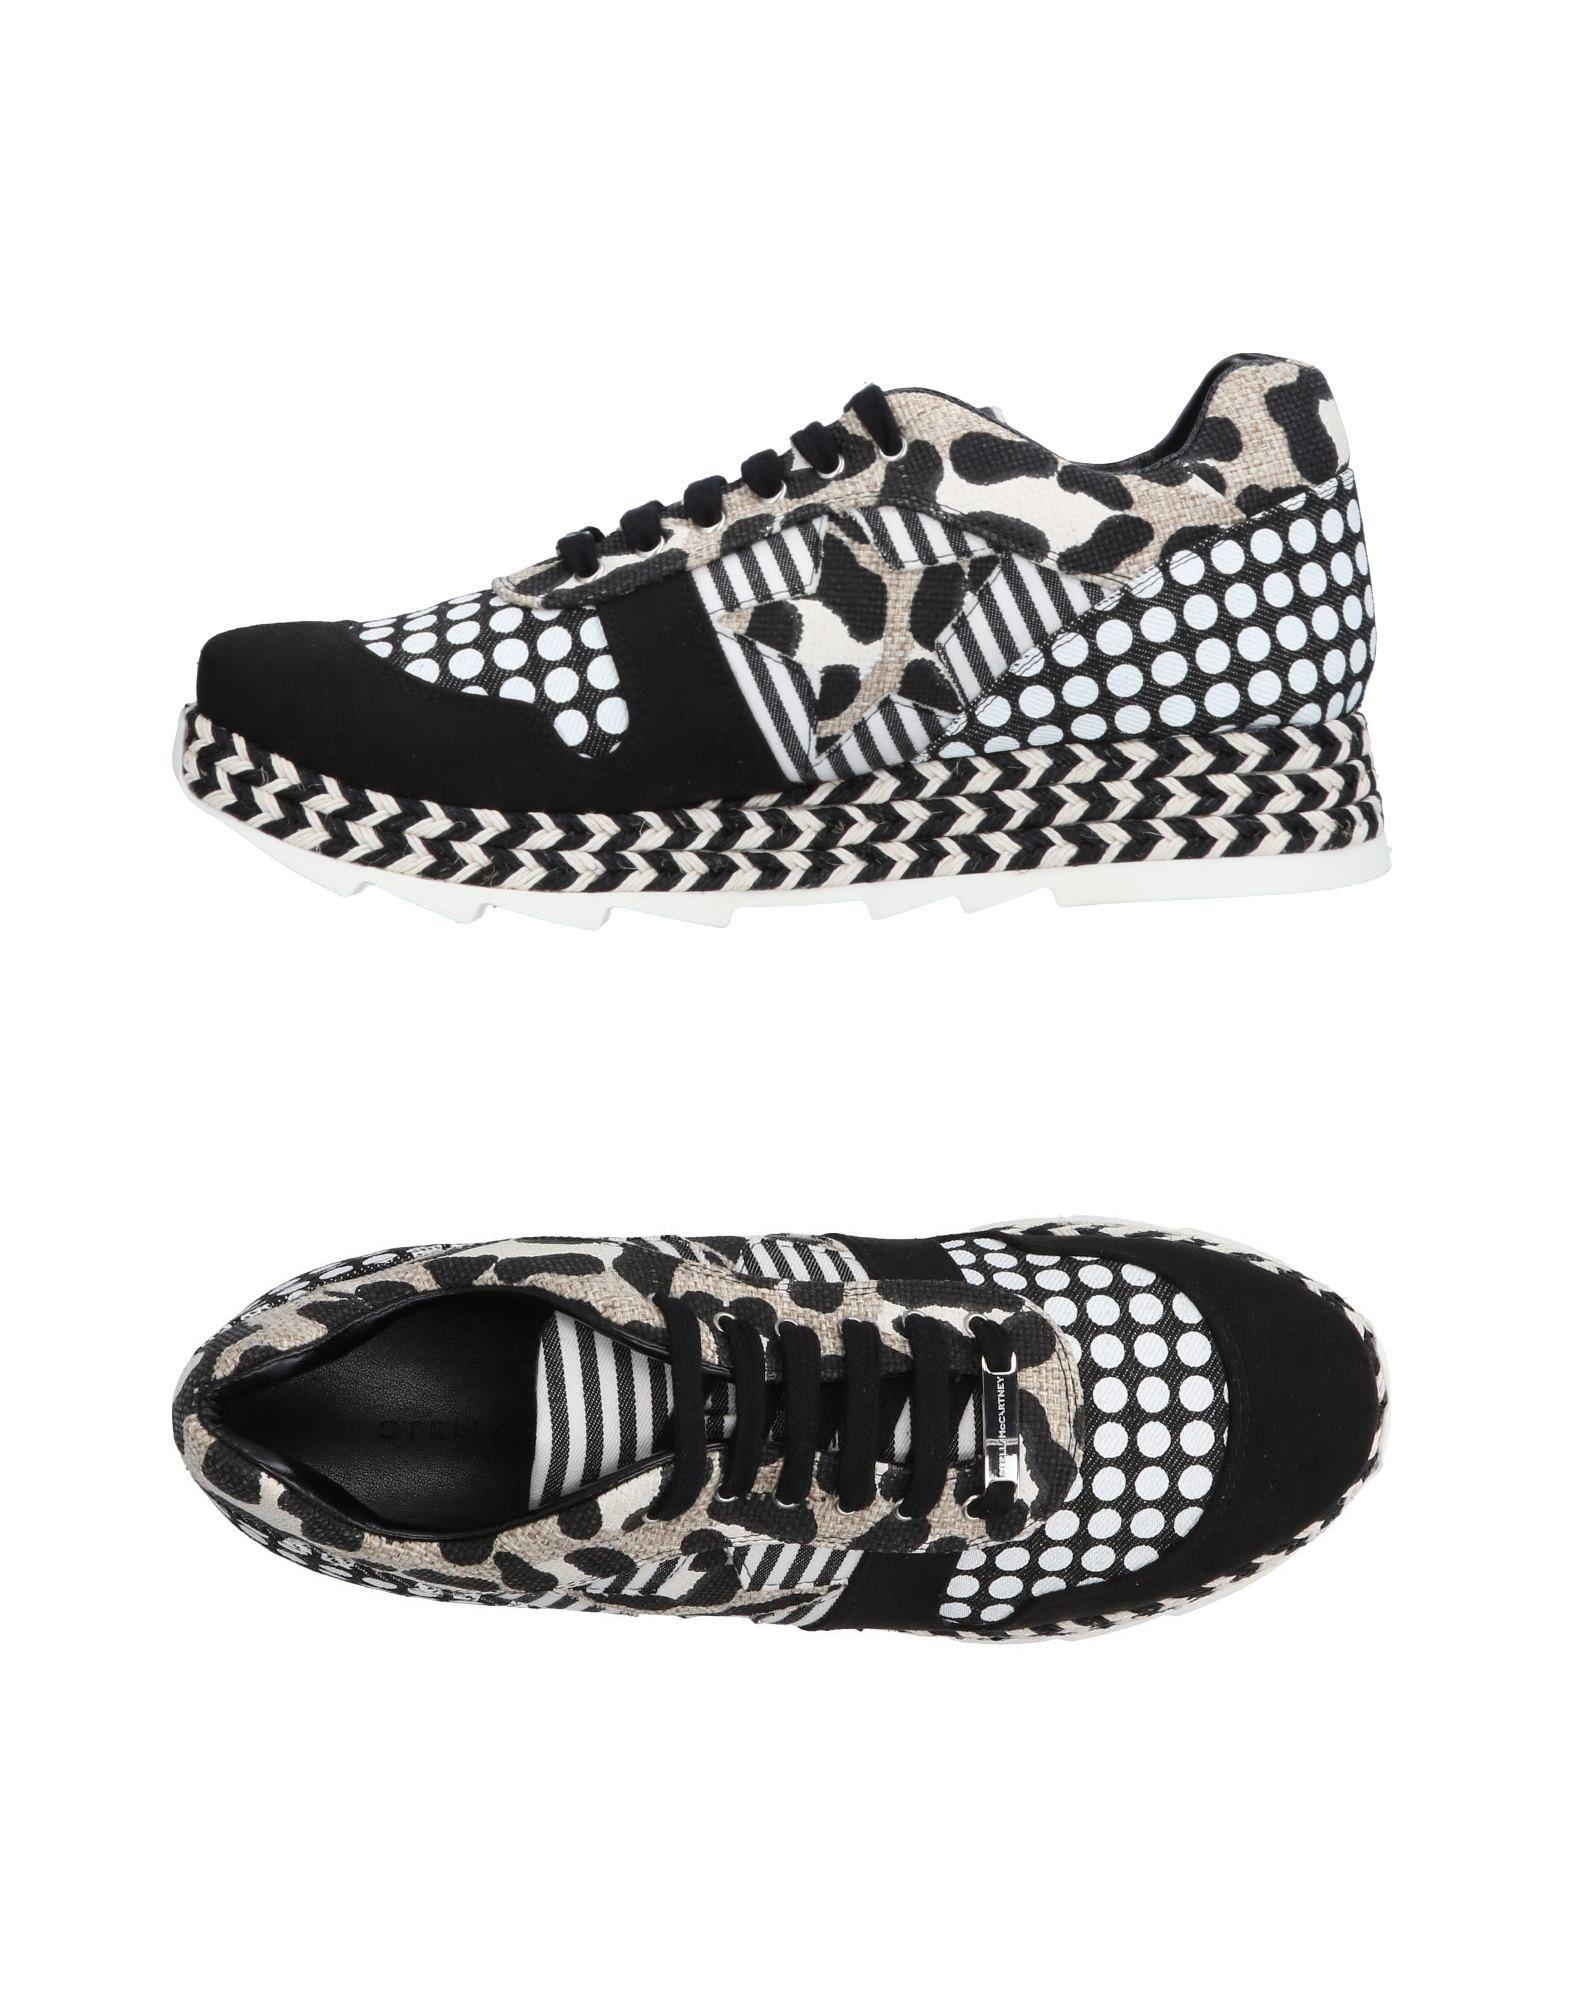 Stella Mccartney Sneakers - Women Stella Mccartney Sneakers - online on  Australia - Sneakers 11497177JU 2d7834